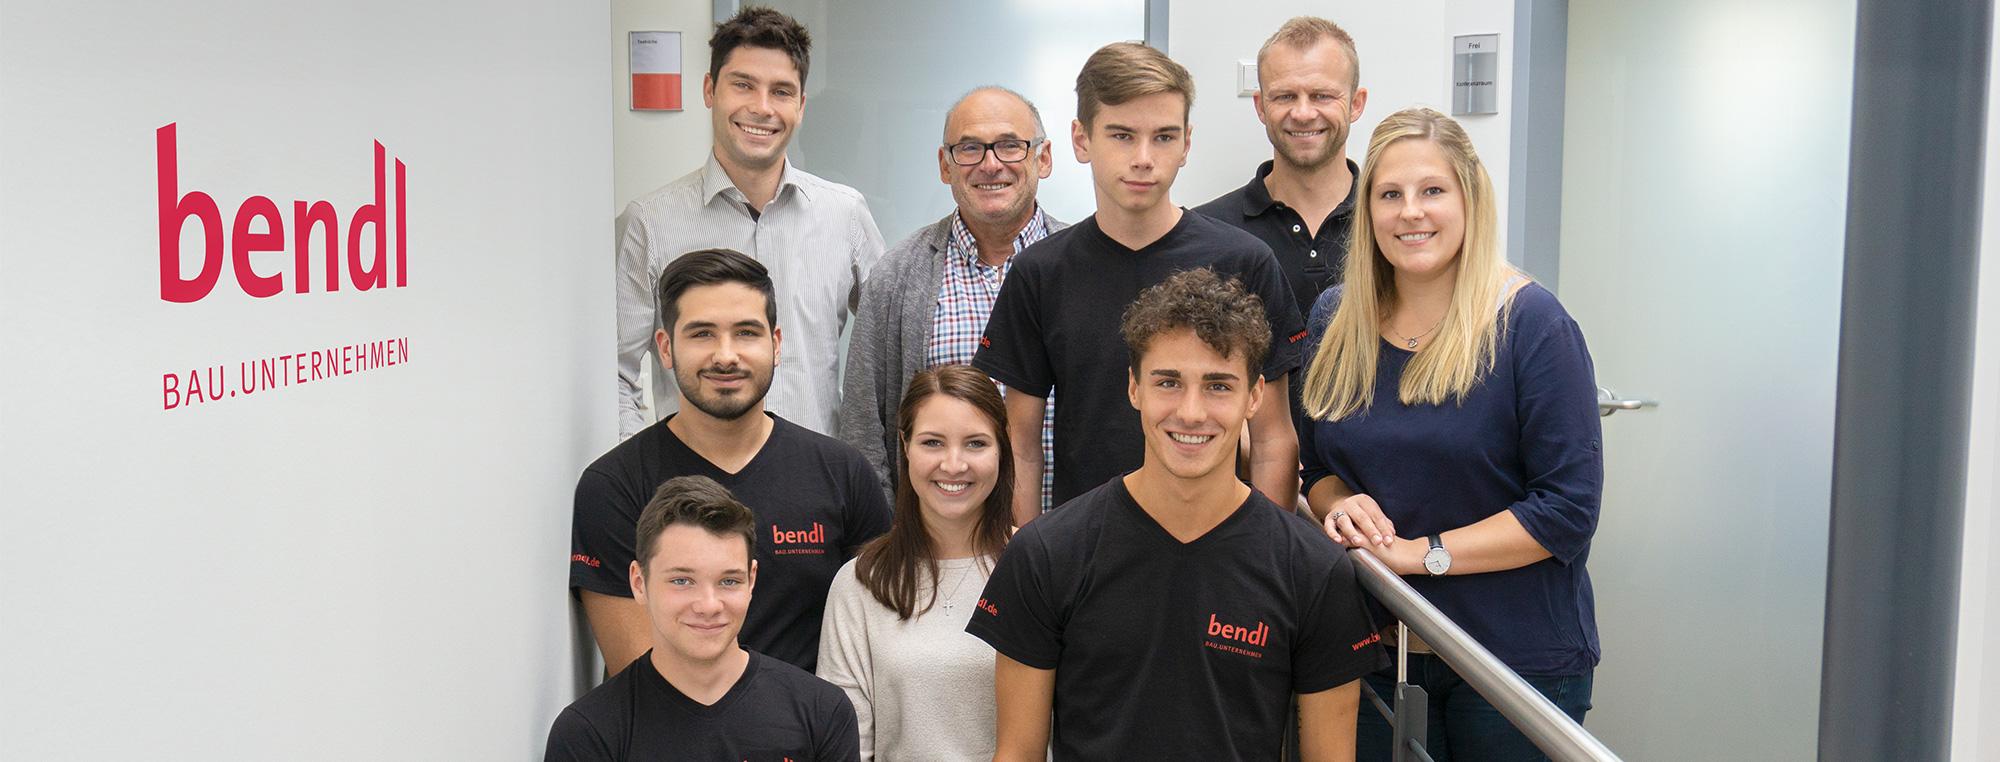 Fünf neue Azubis starten 2018 ihre Karriere beim Bauunternehmen bendl in Günzburg